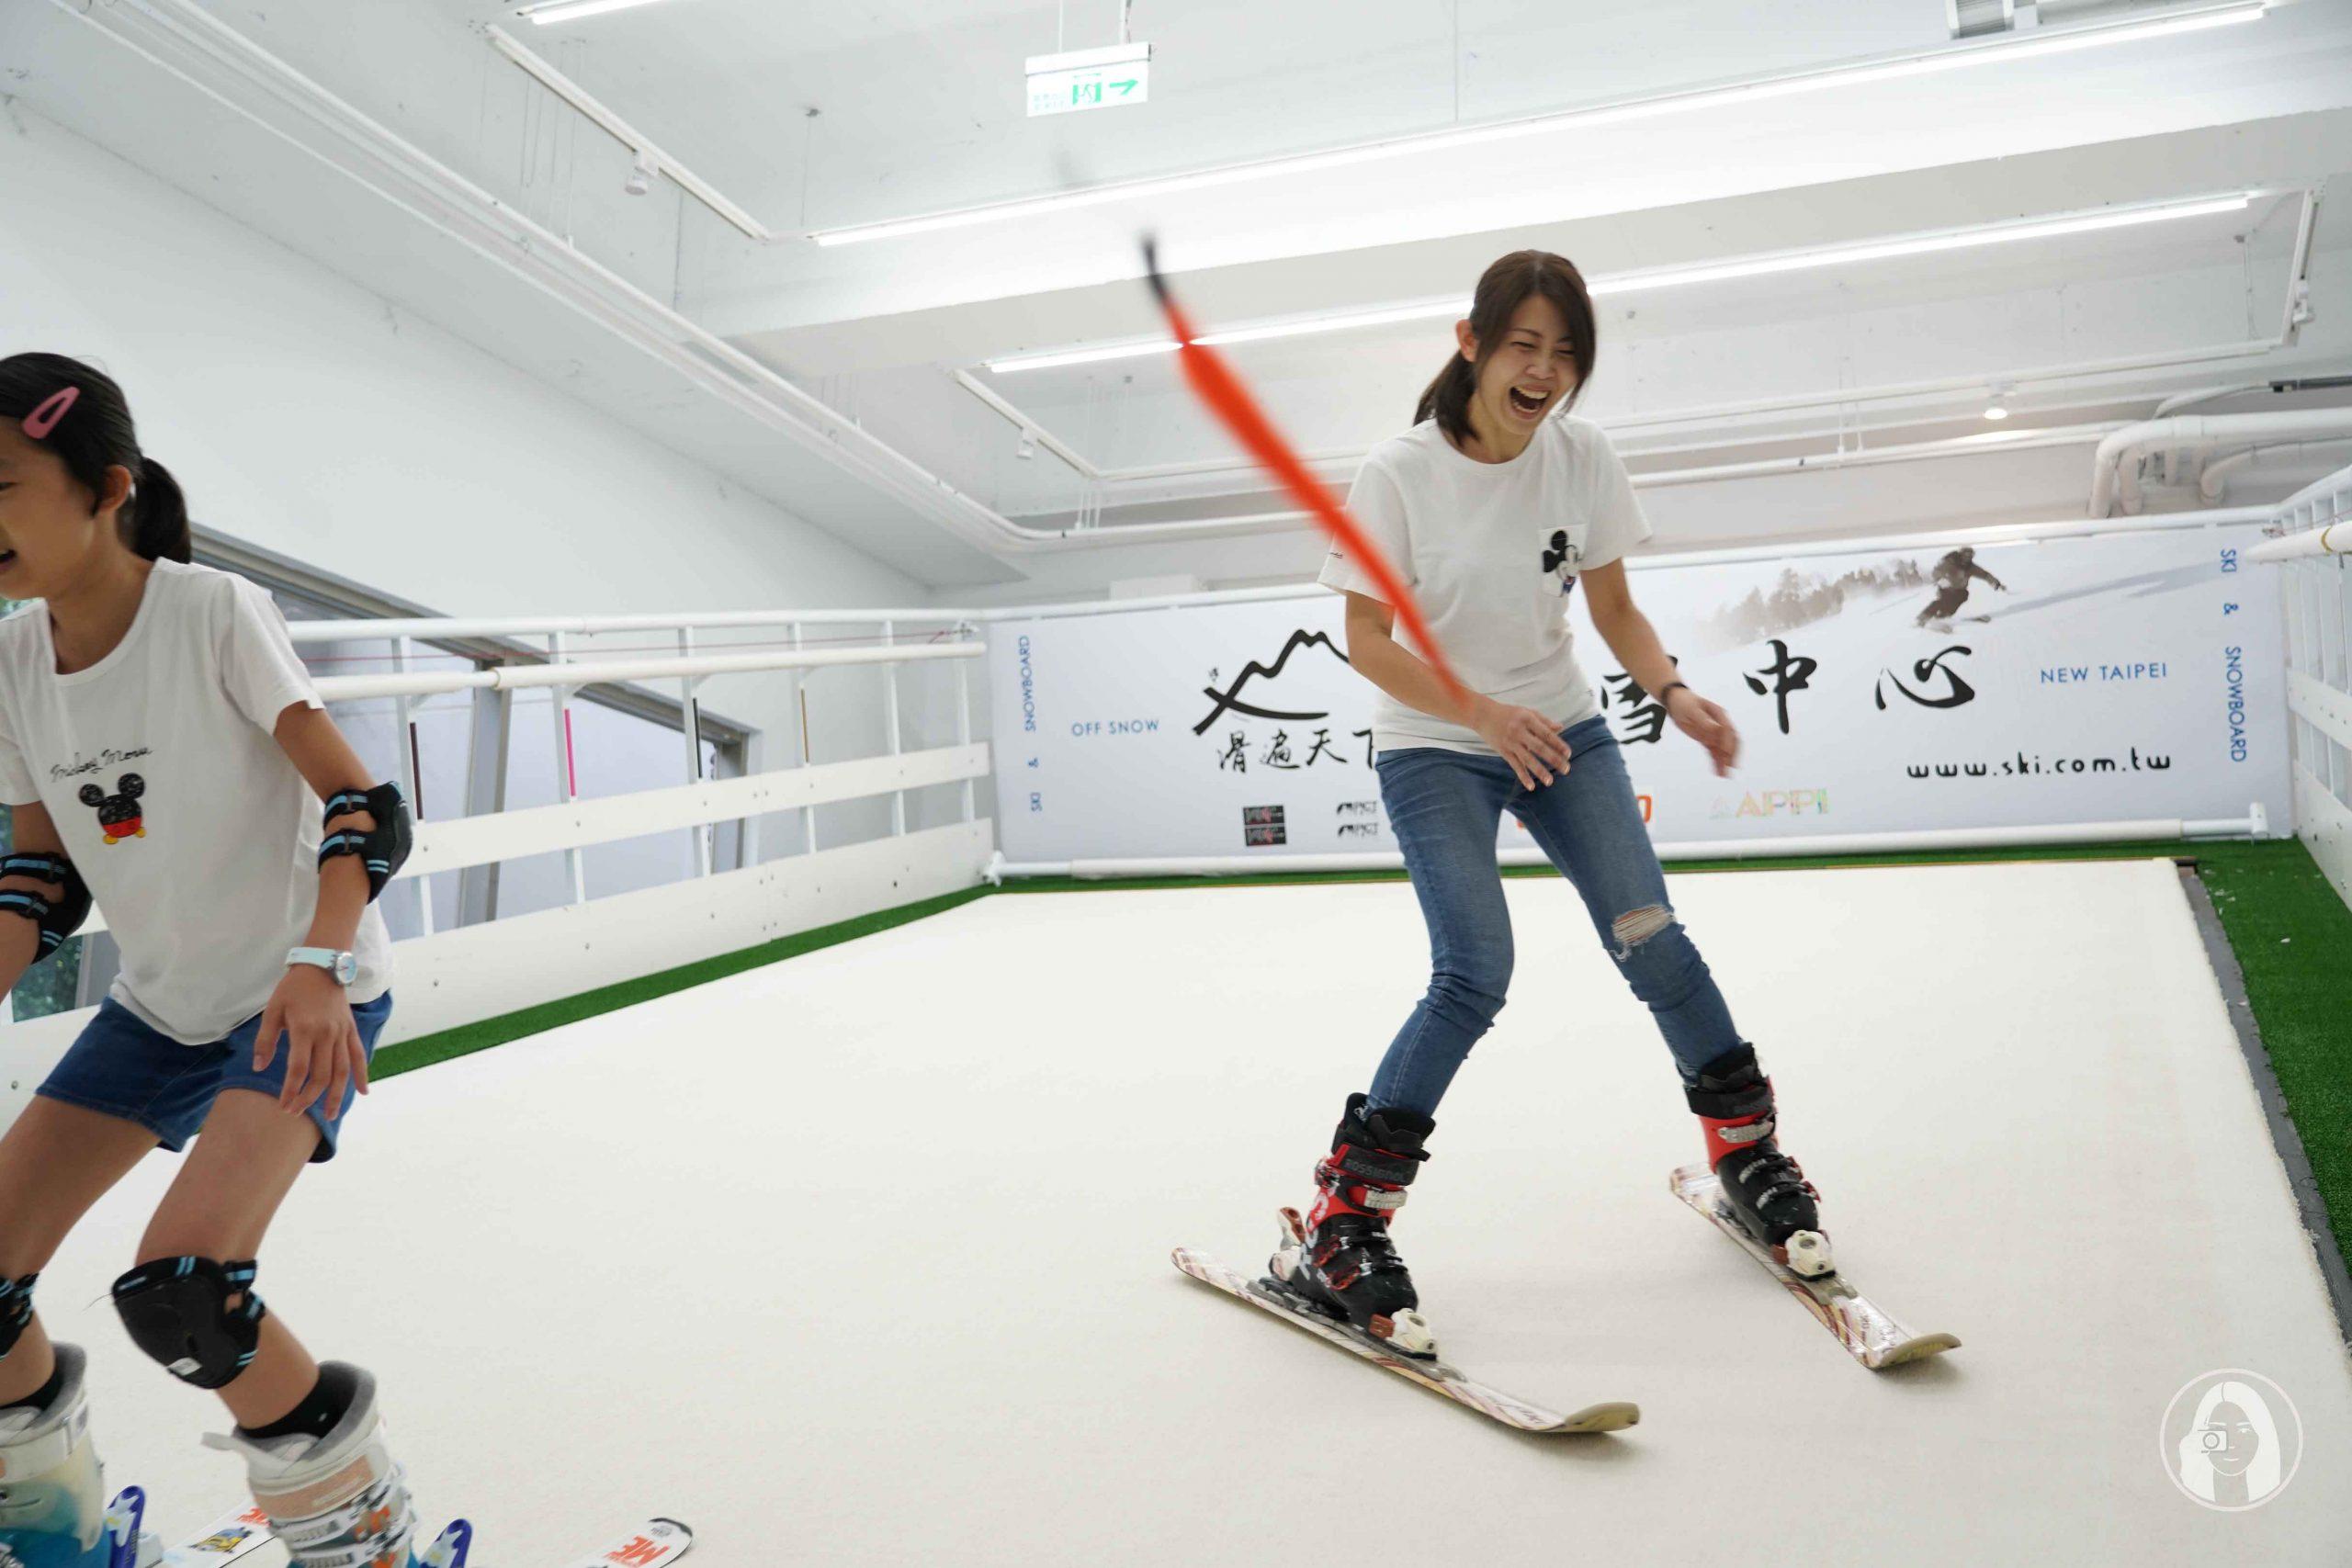 滑遍天下滑雪中心